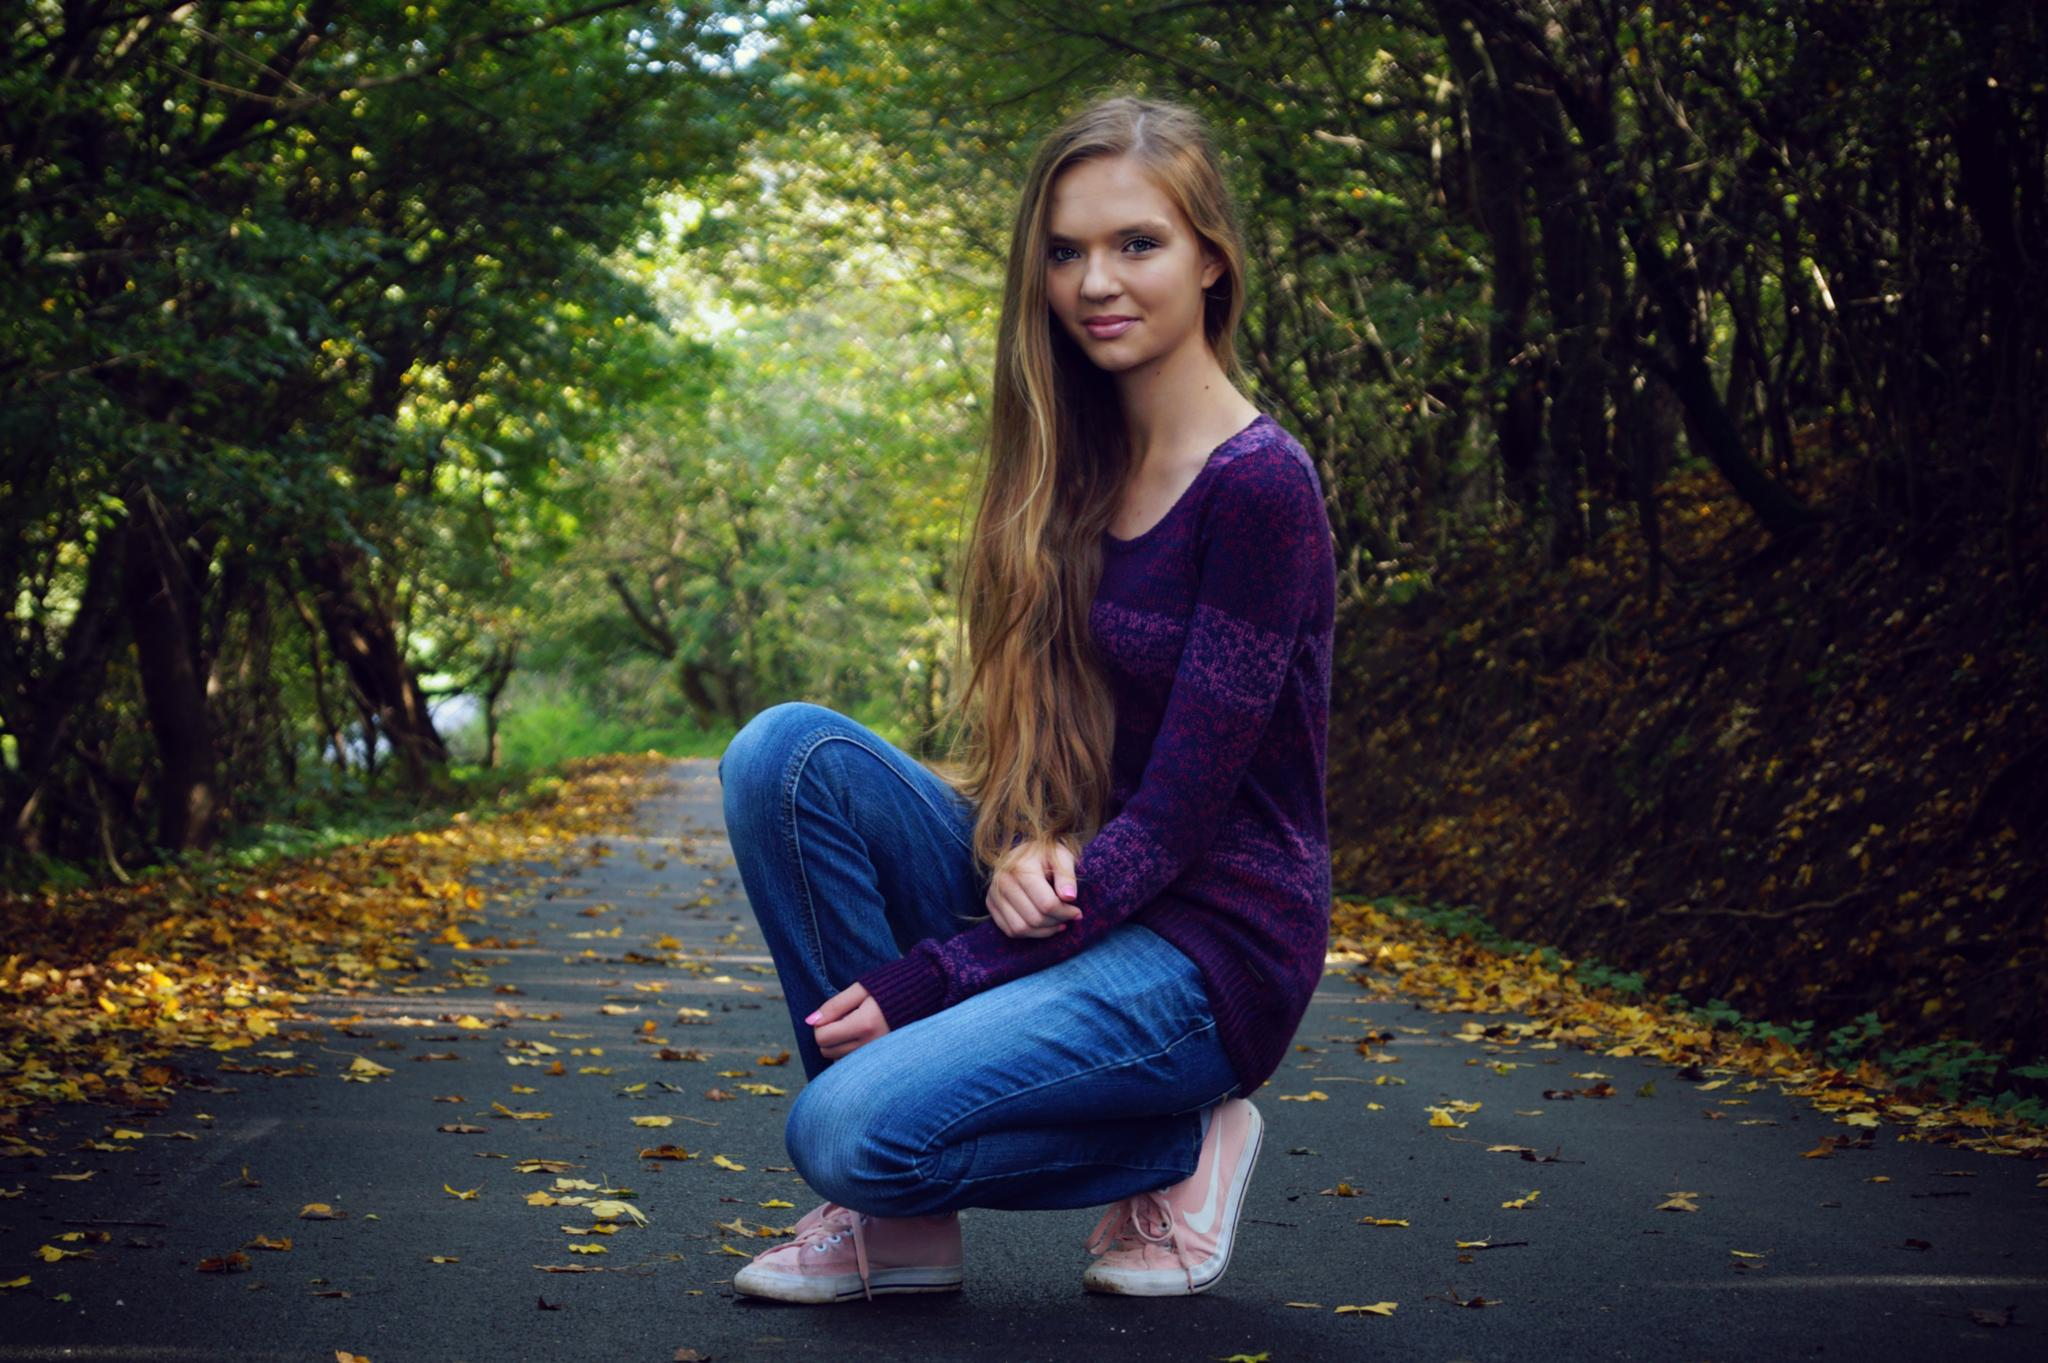 Autumn by Nina Kvaltinová